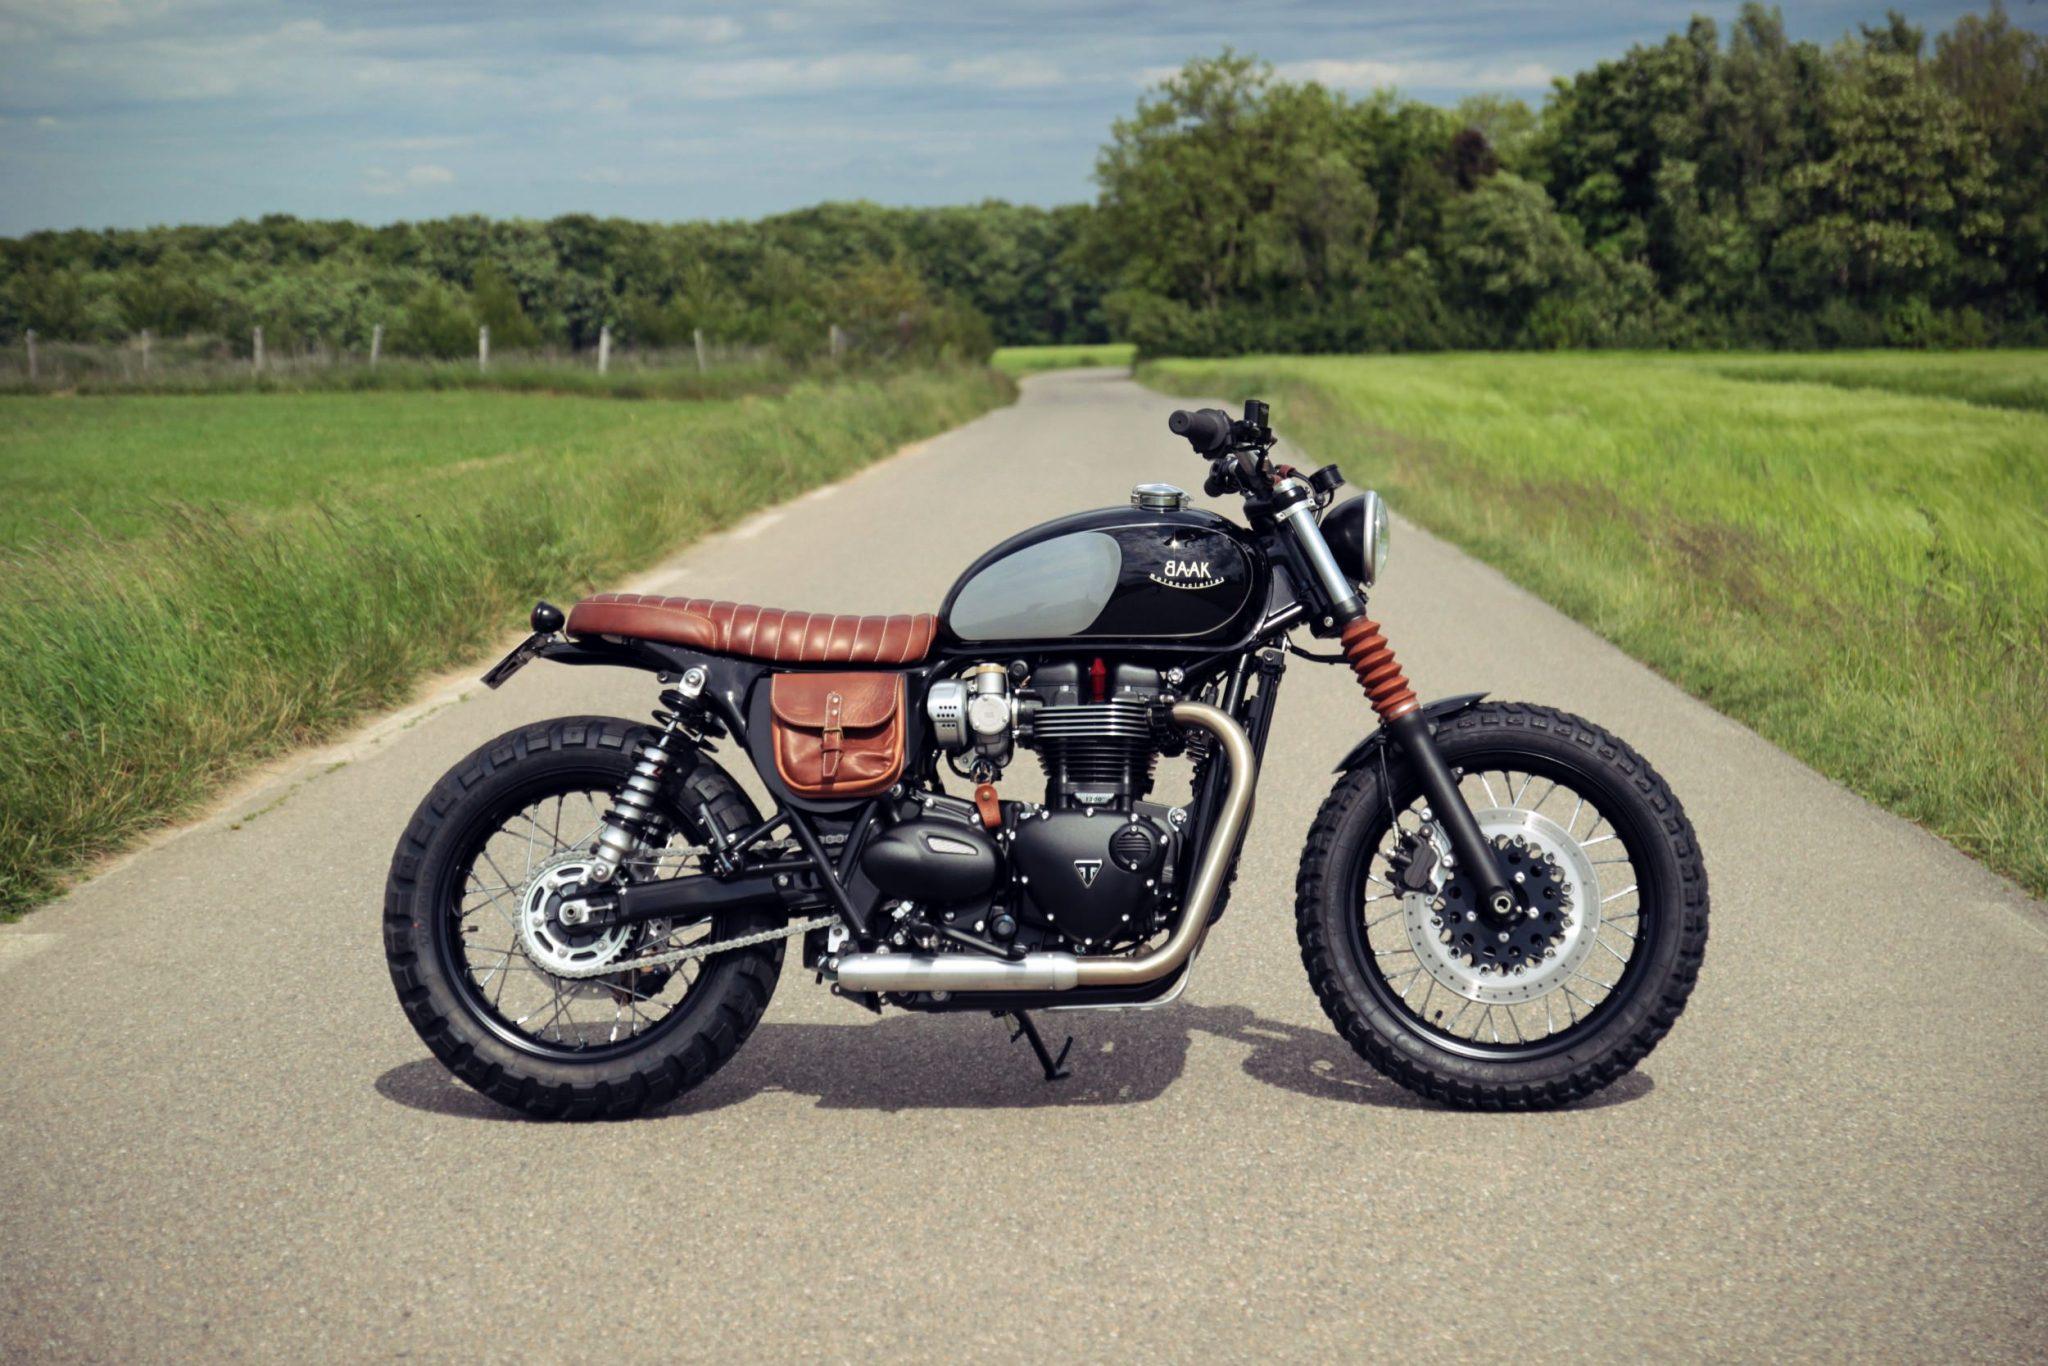 BAAK Motorcycles Triumph Bonneville T120